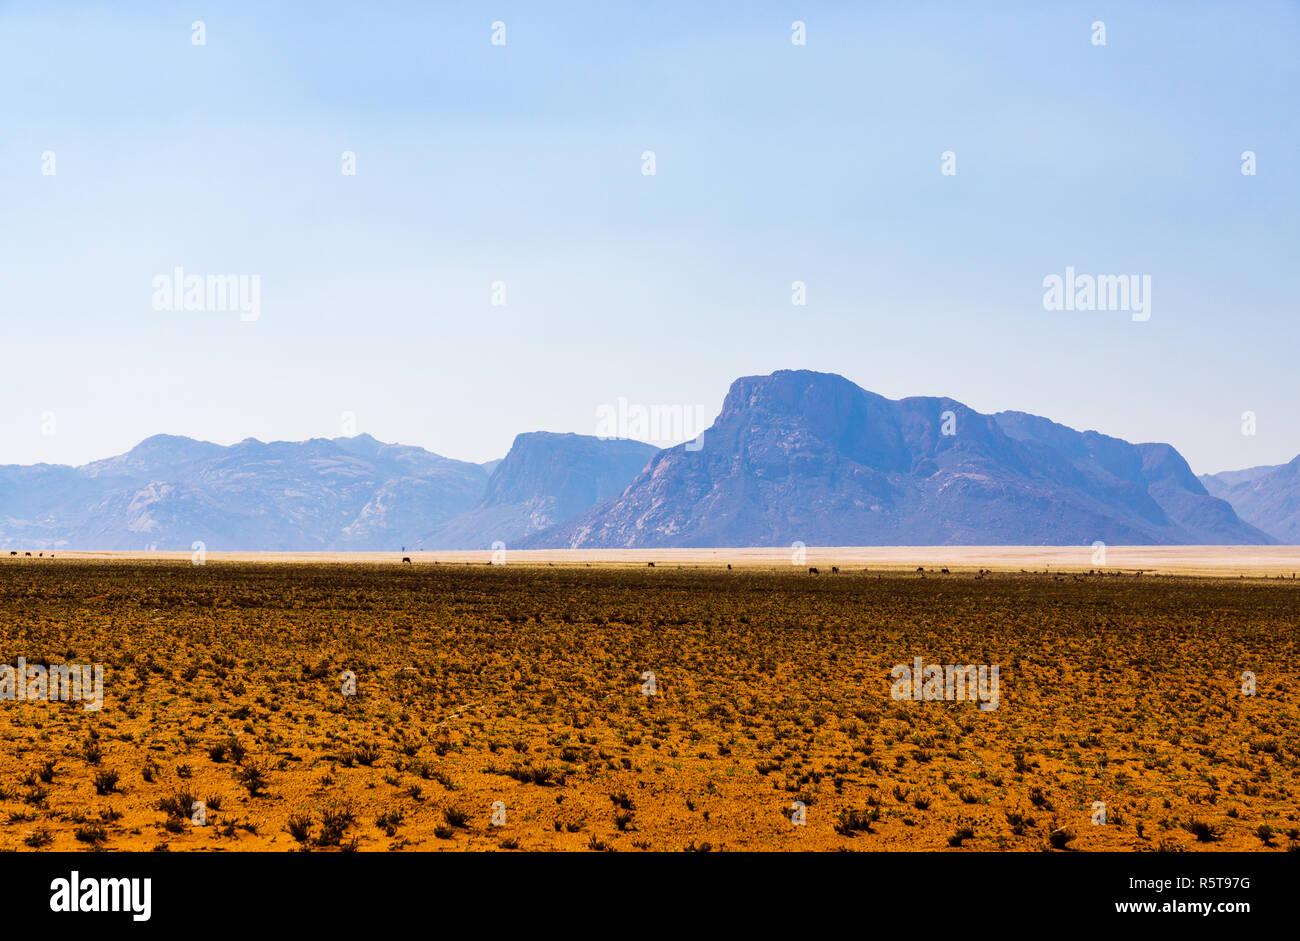 d707 namibia desert landscape sky - Stock Image